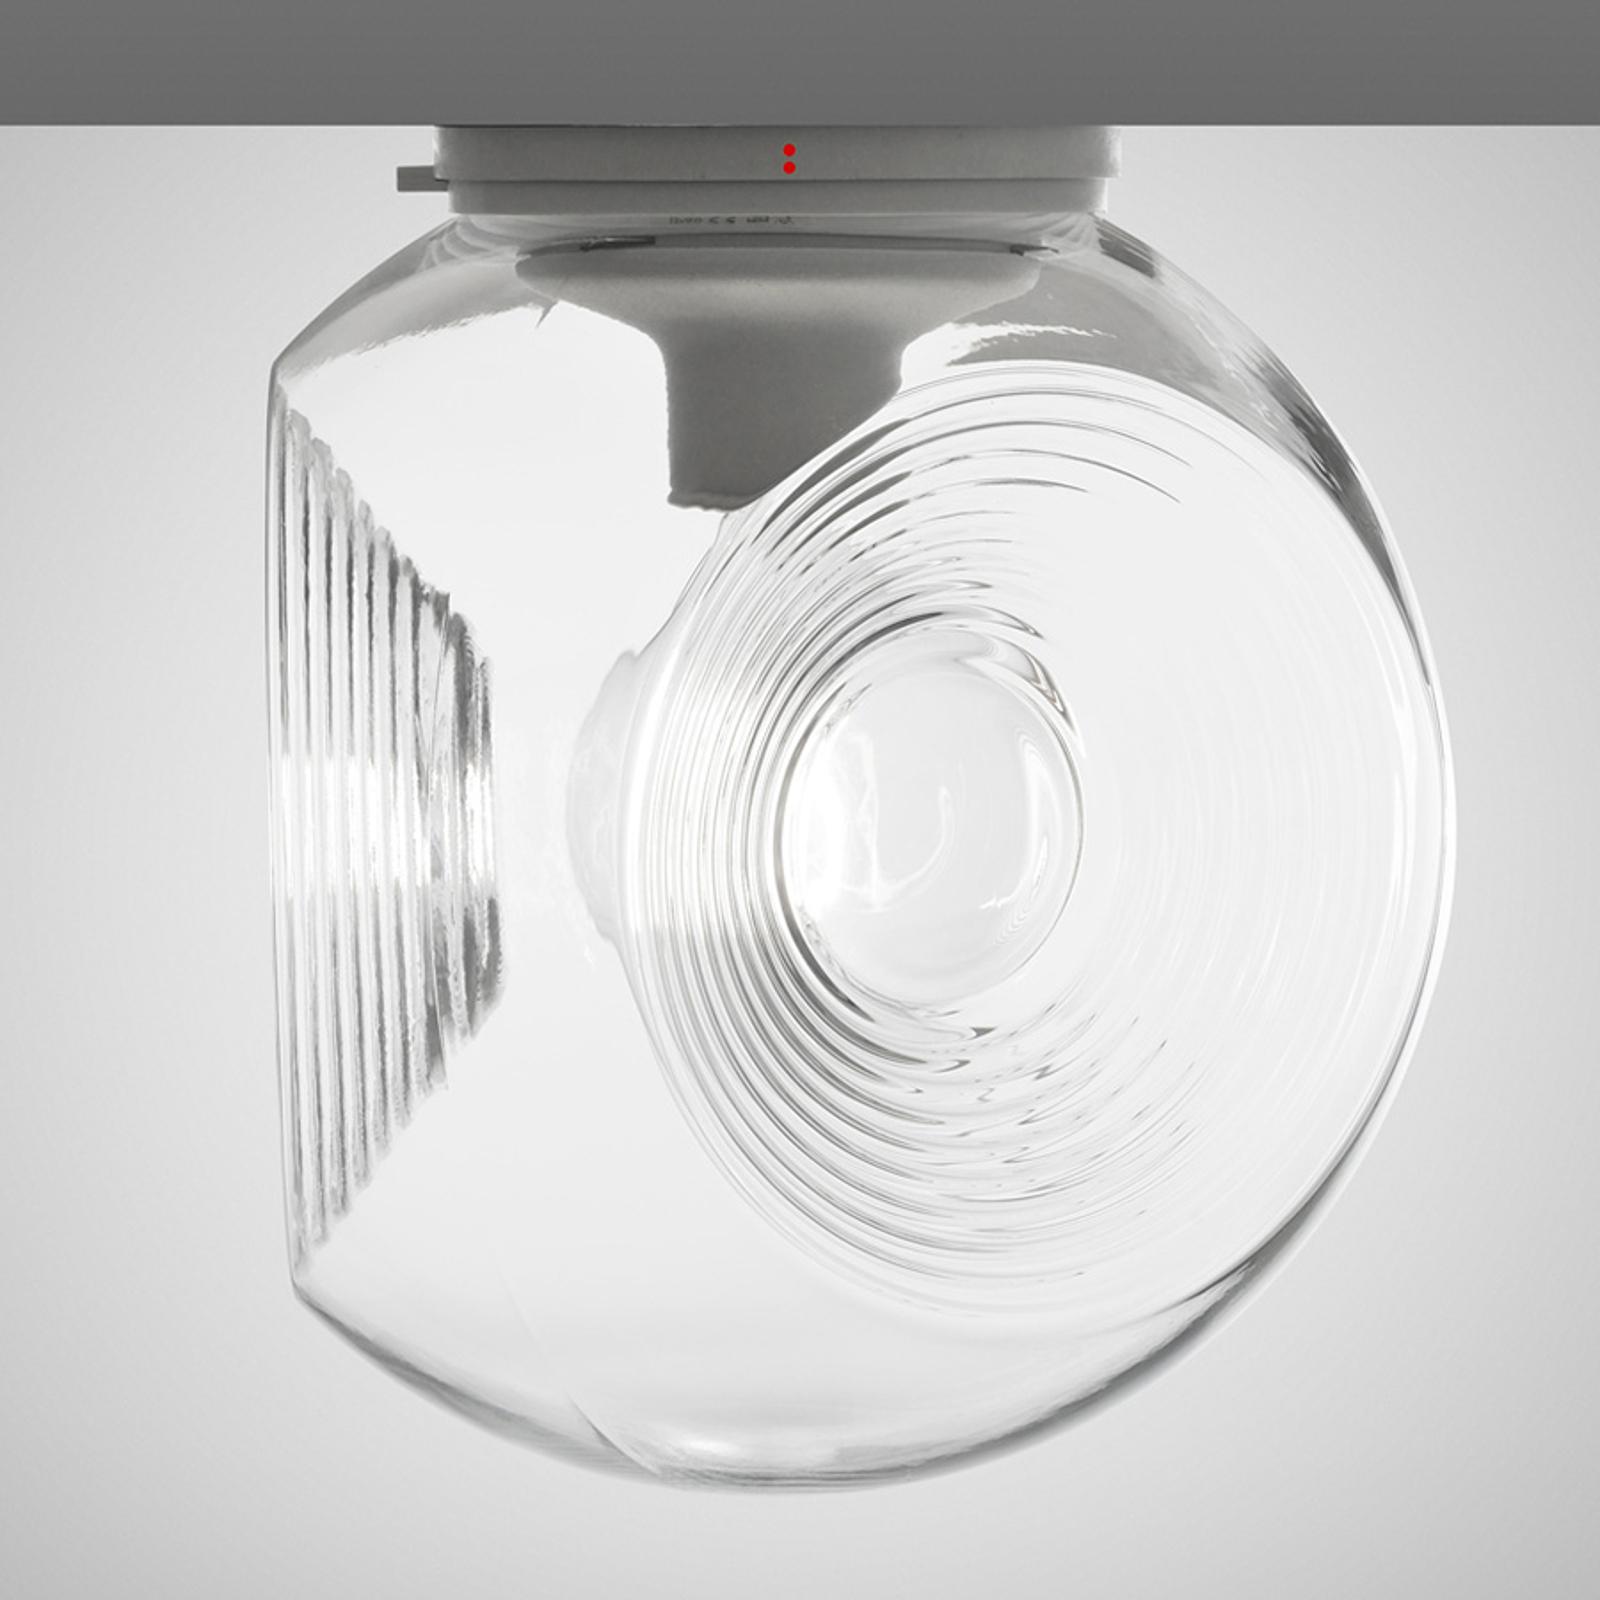 Fabbian Eyes - taklampe av glass med klar diffusor